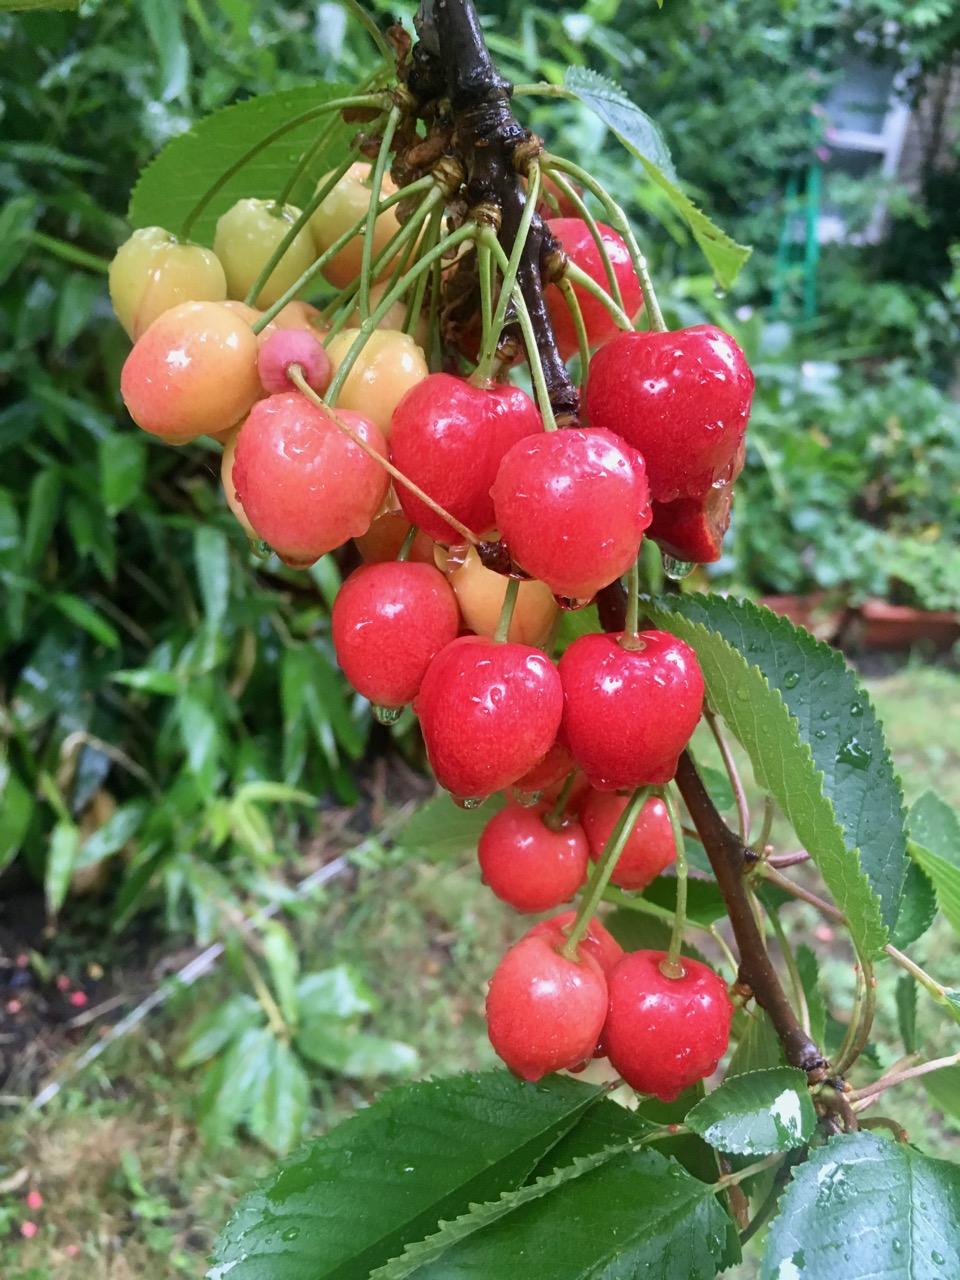 Cherries glistening in the rain